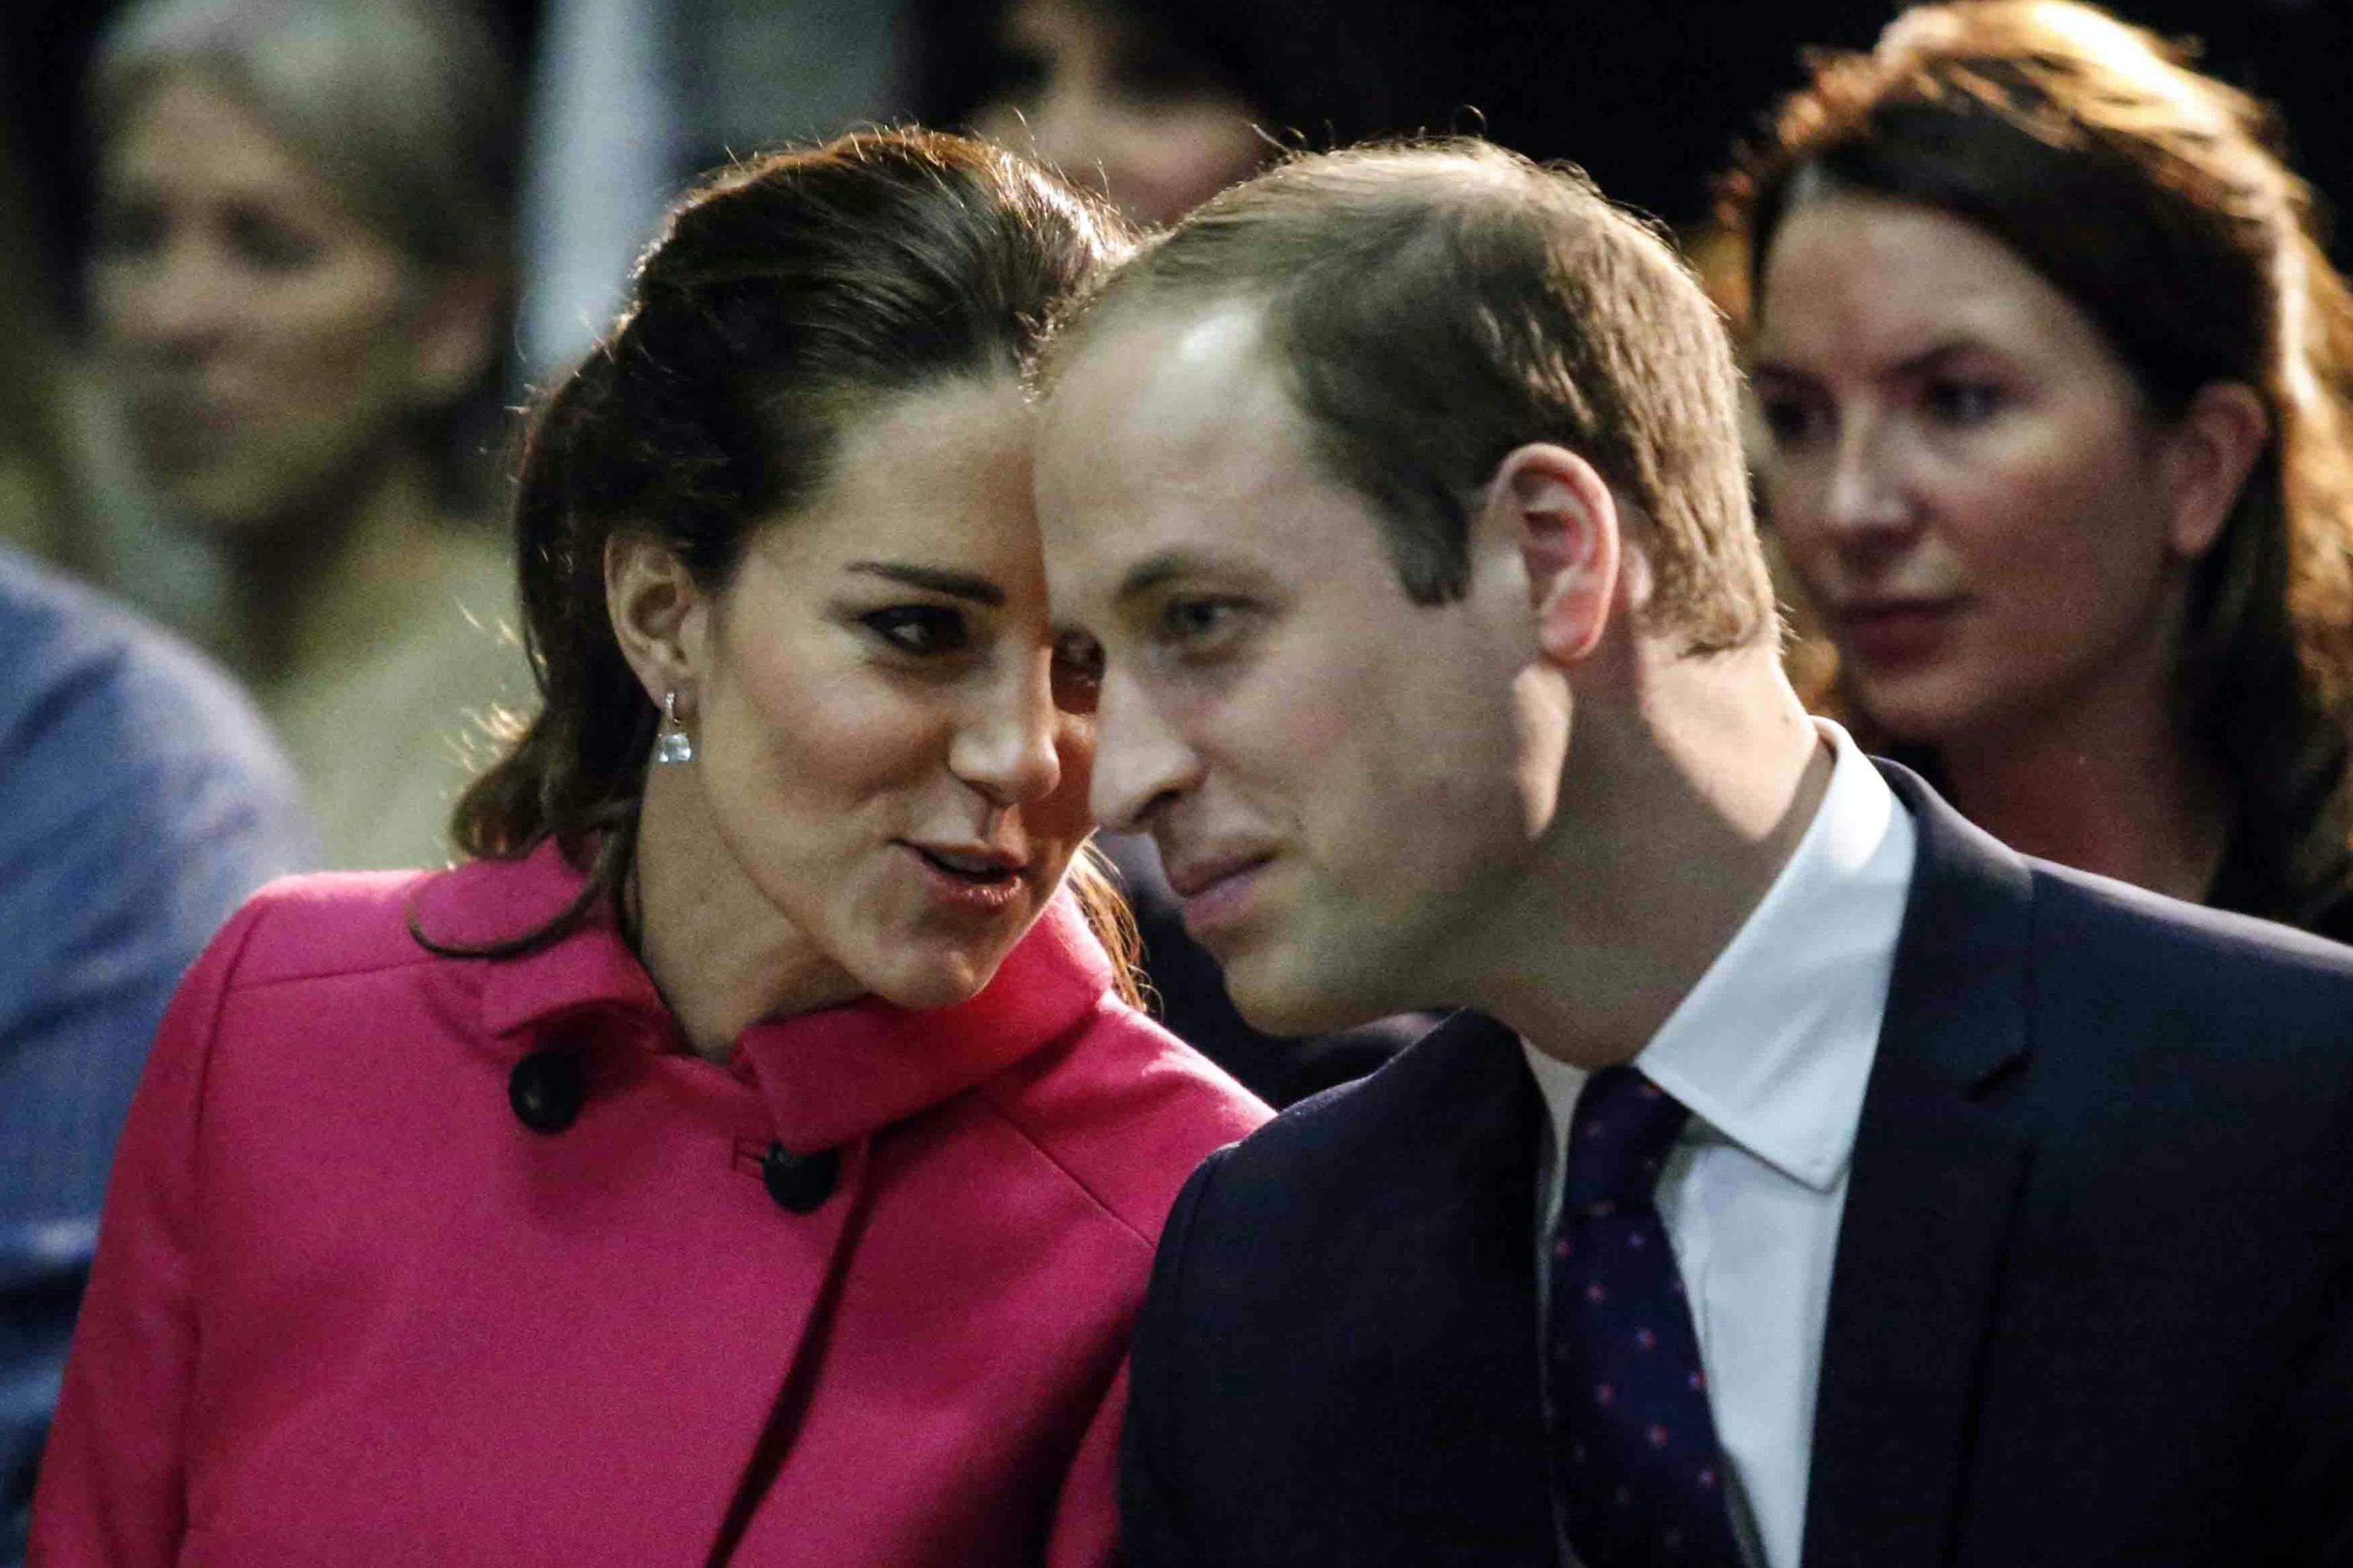 Terzo figlio per William e Kate, il nuovo Royal Baby nascerà ad aprile 2018